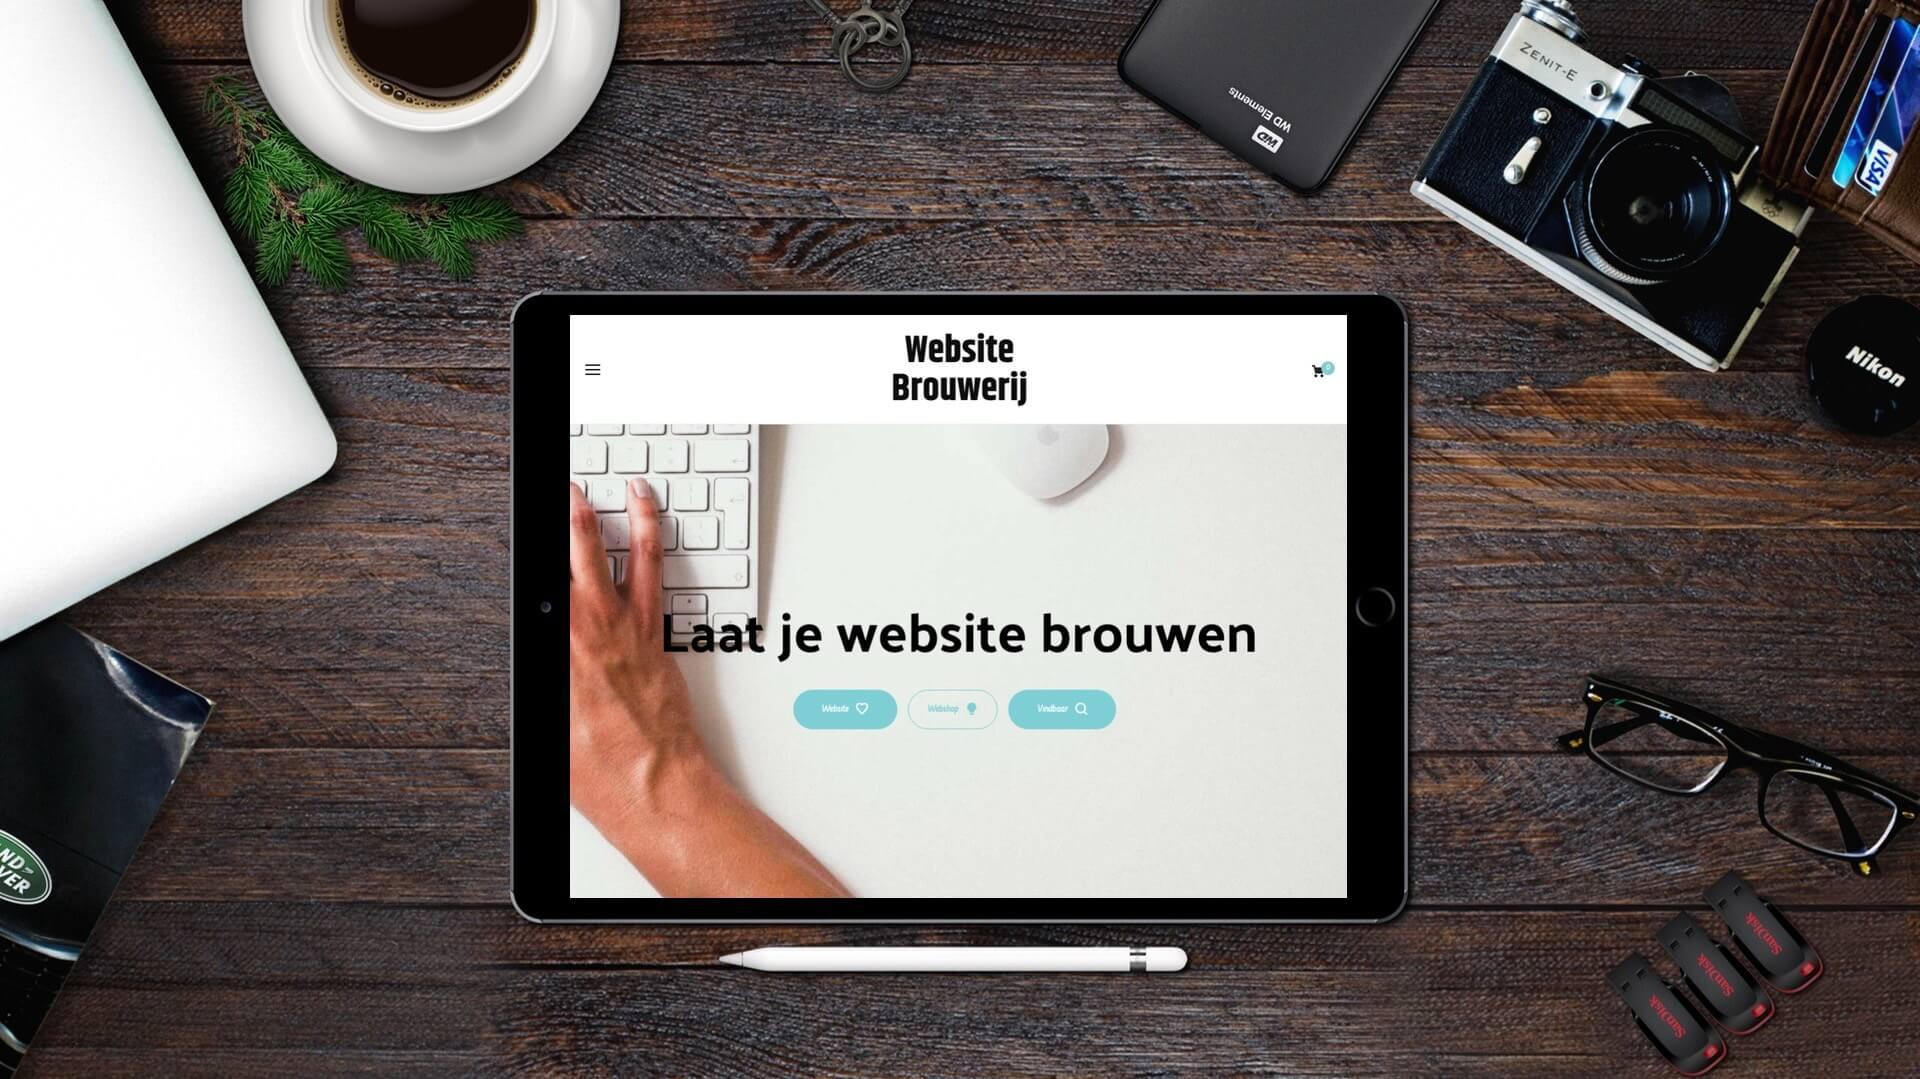 websitebrouwerij.nl tablet